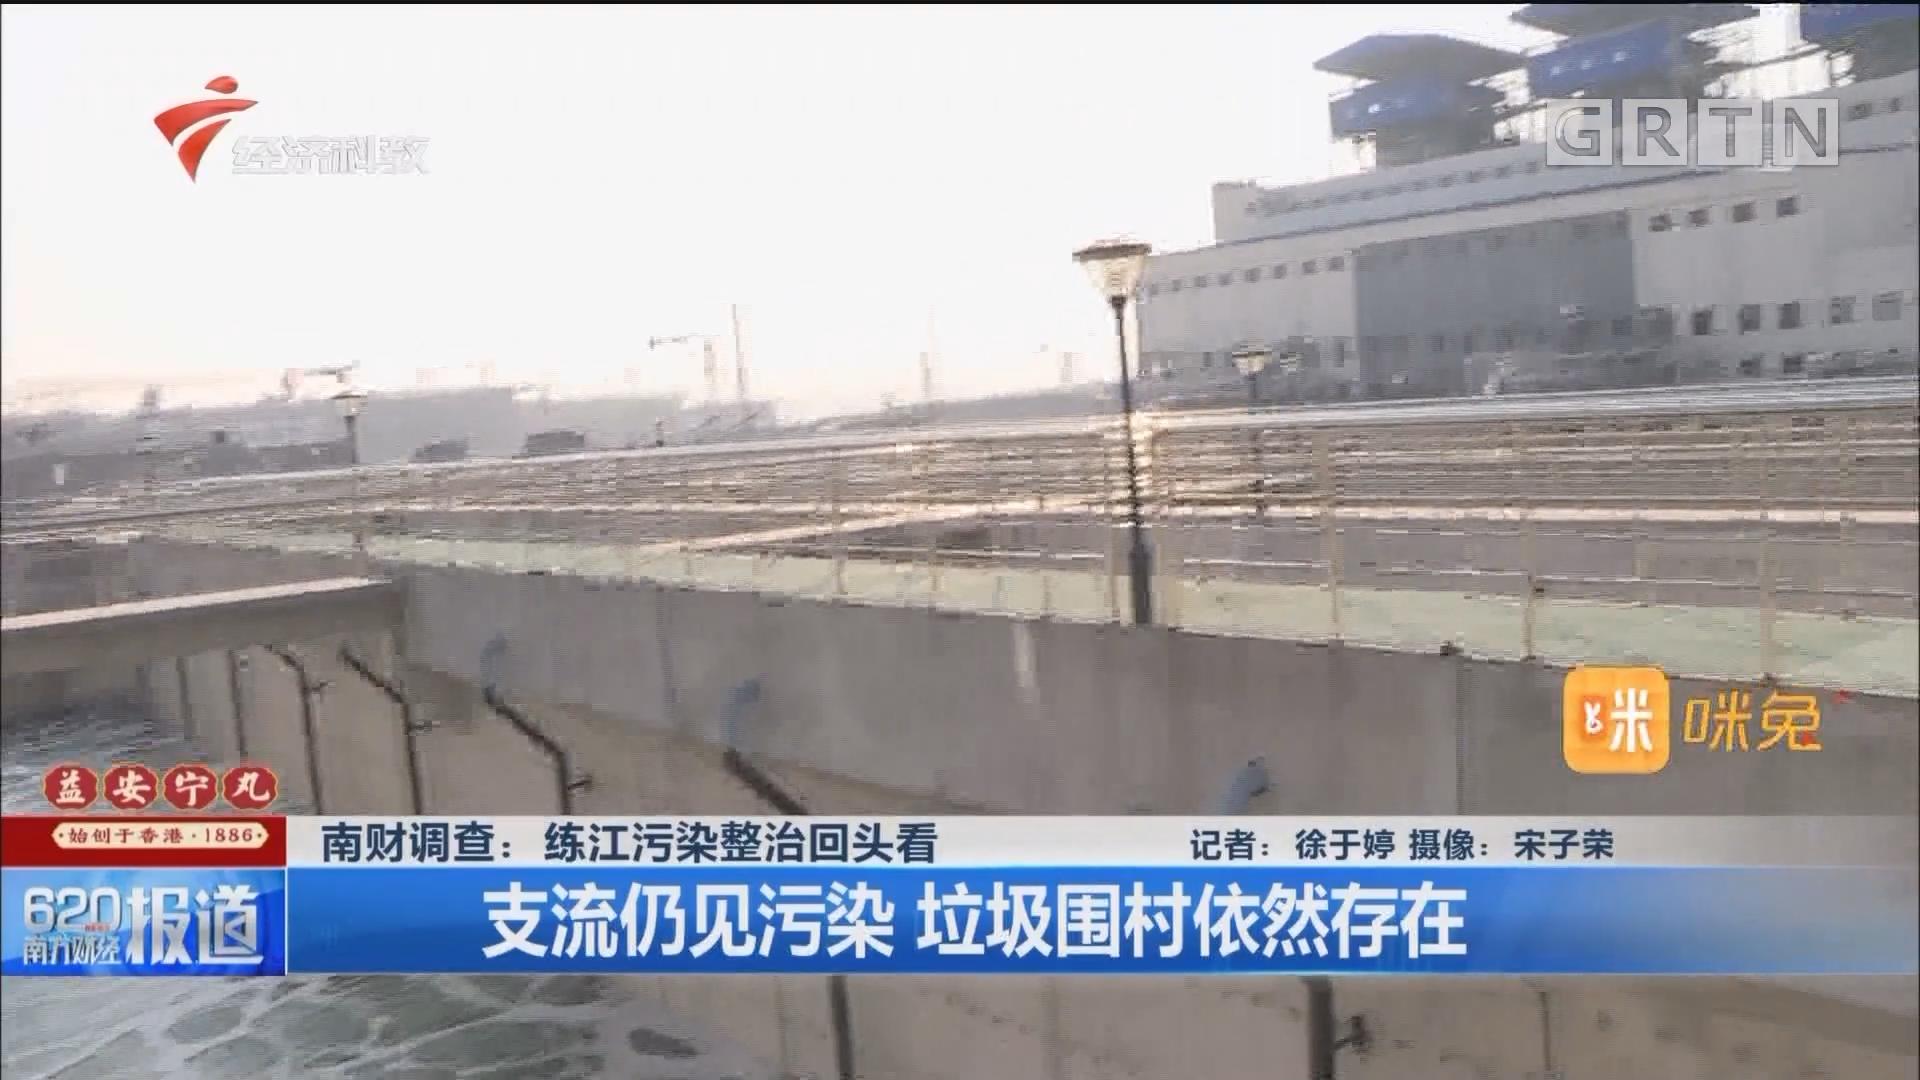 南财调查:练江污染整治回头看 支流仍见污染 垃圾围村依然存在